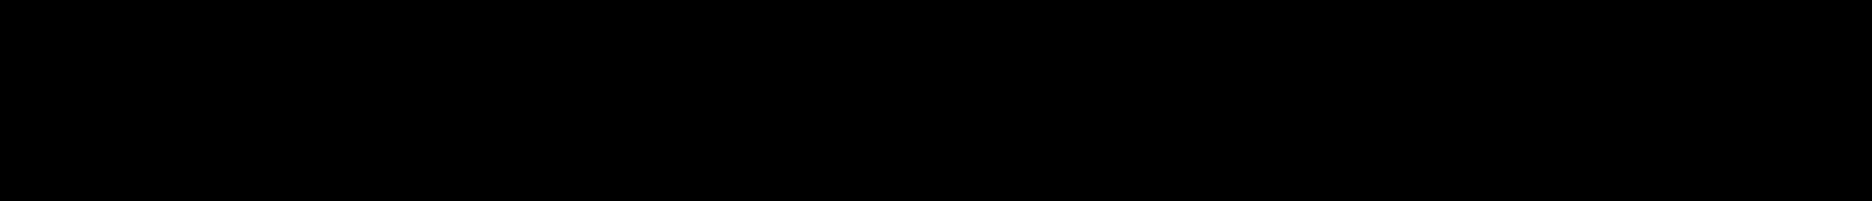 Nikaia Regular Italic